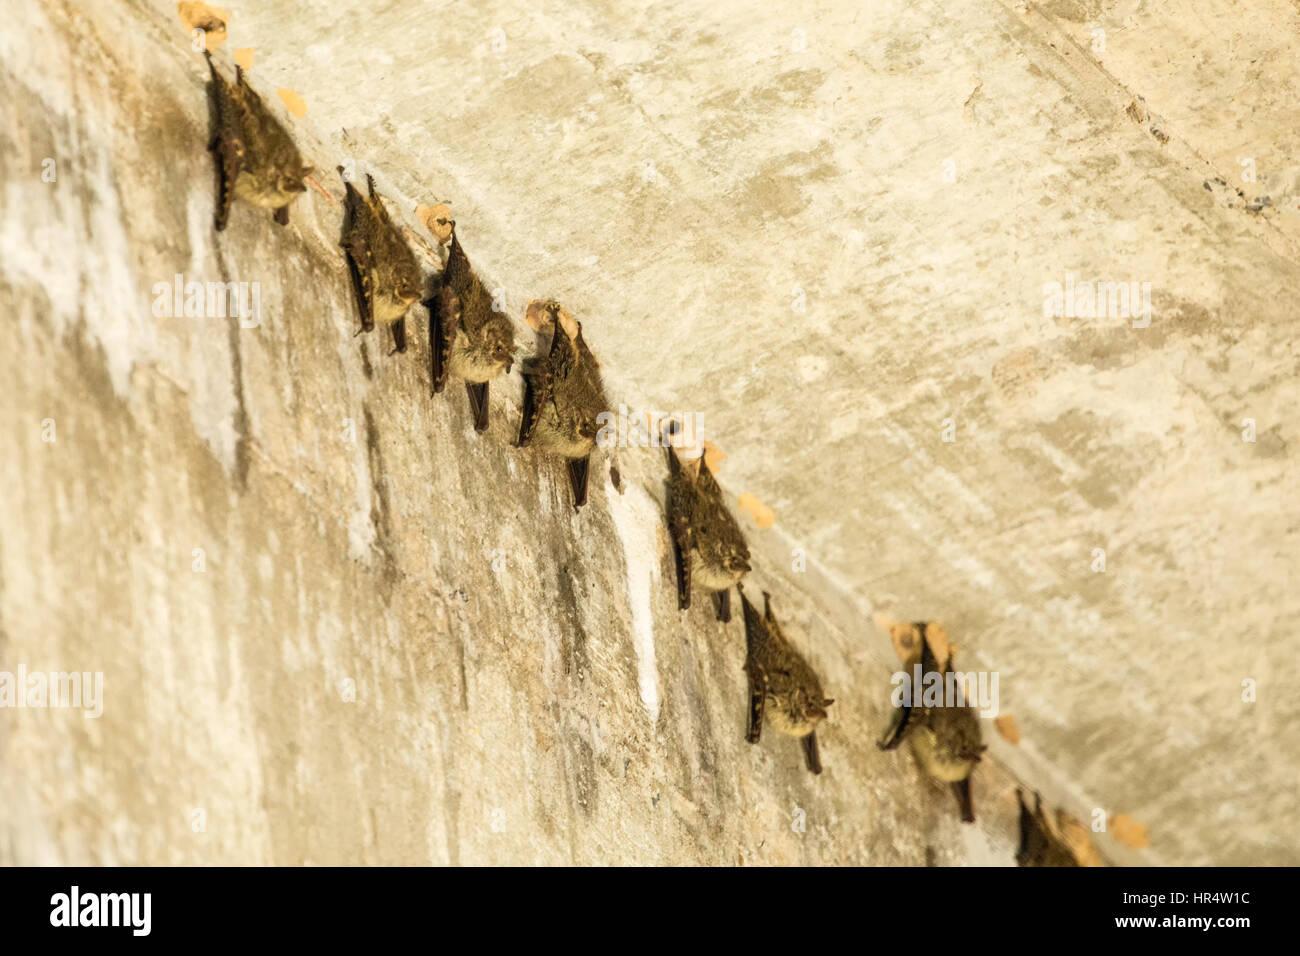 Menor de hocico largo grupo de murciélagos descansando durante el día debajo de un puente en la región del Pantanal de Brasil, en América del Sur. Menor de hocico largo murciélagos roost d Foto de stock